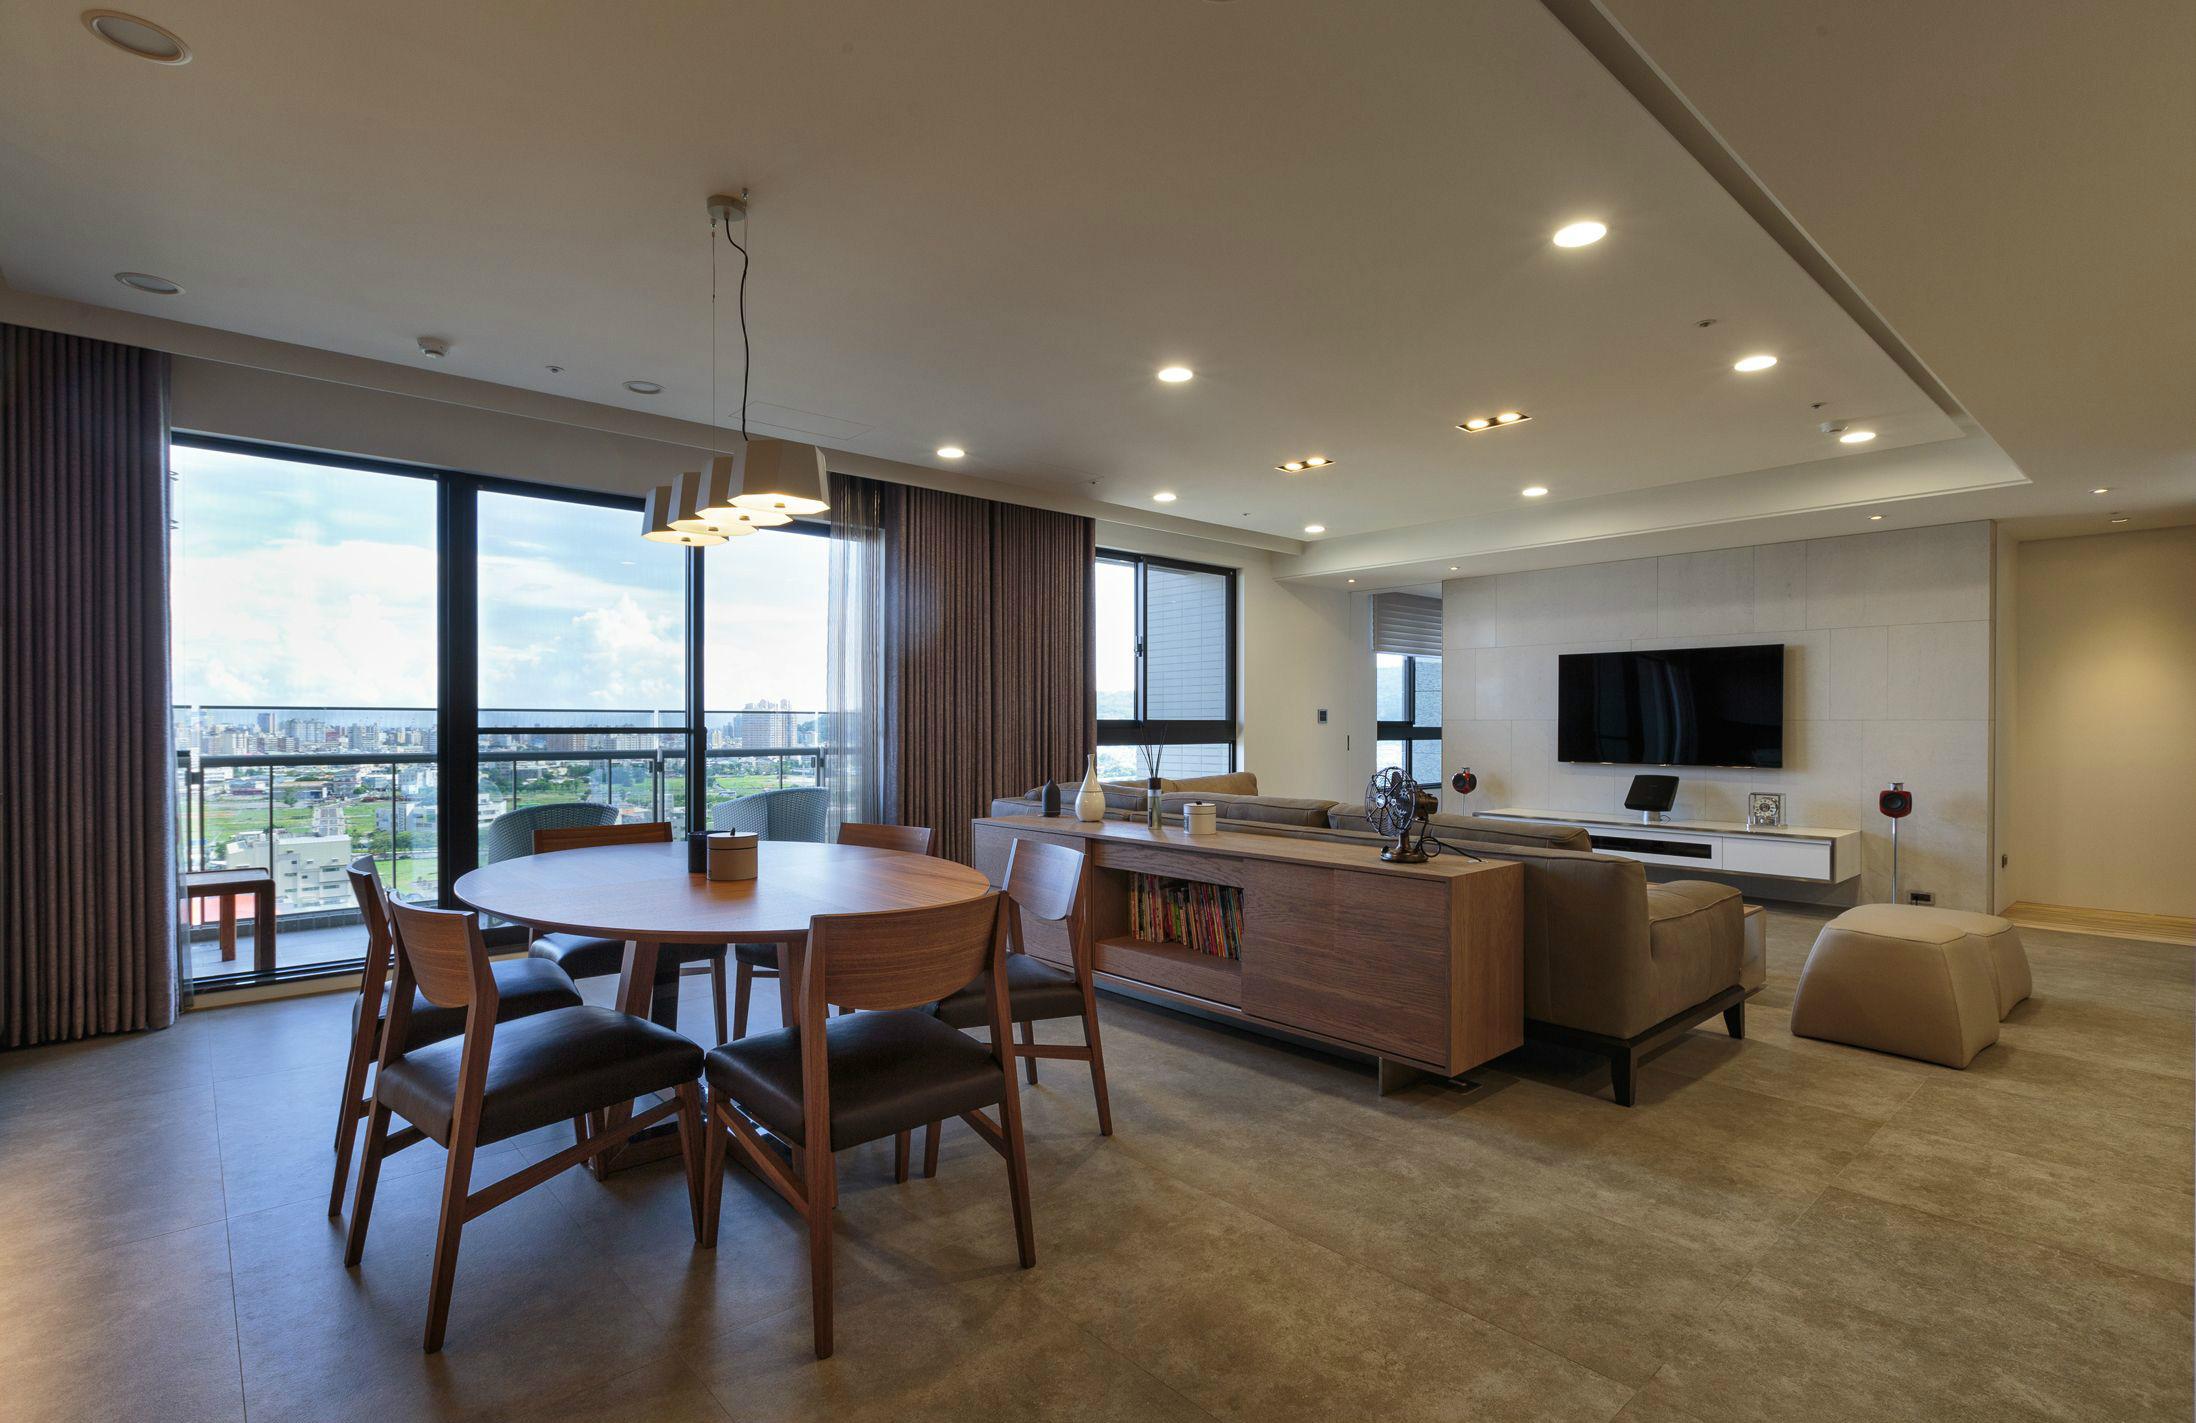 客厅的装饰多采用局部处理,没有太多满铺式设计,简约大气